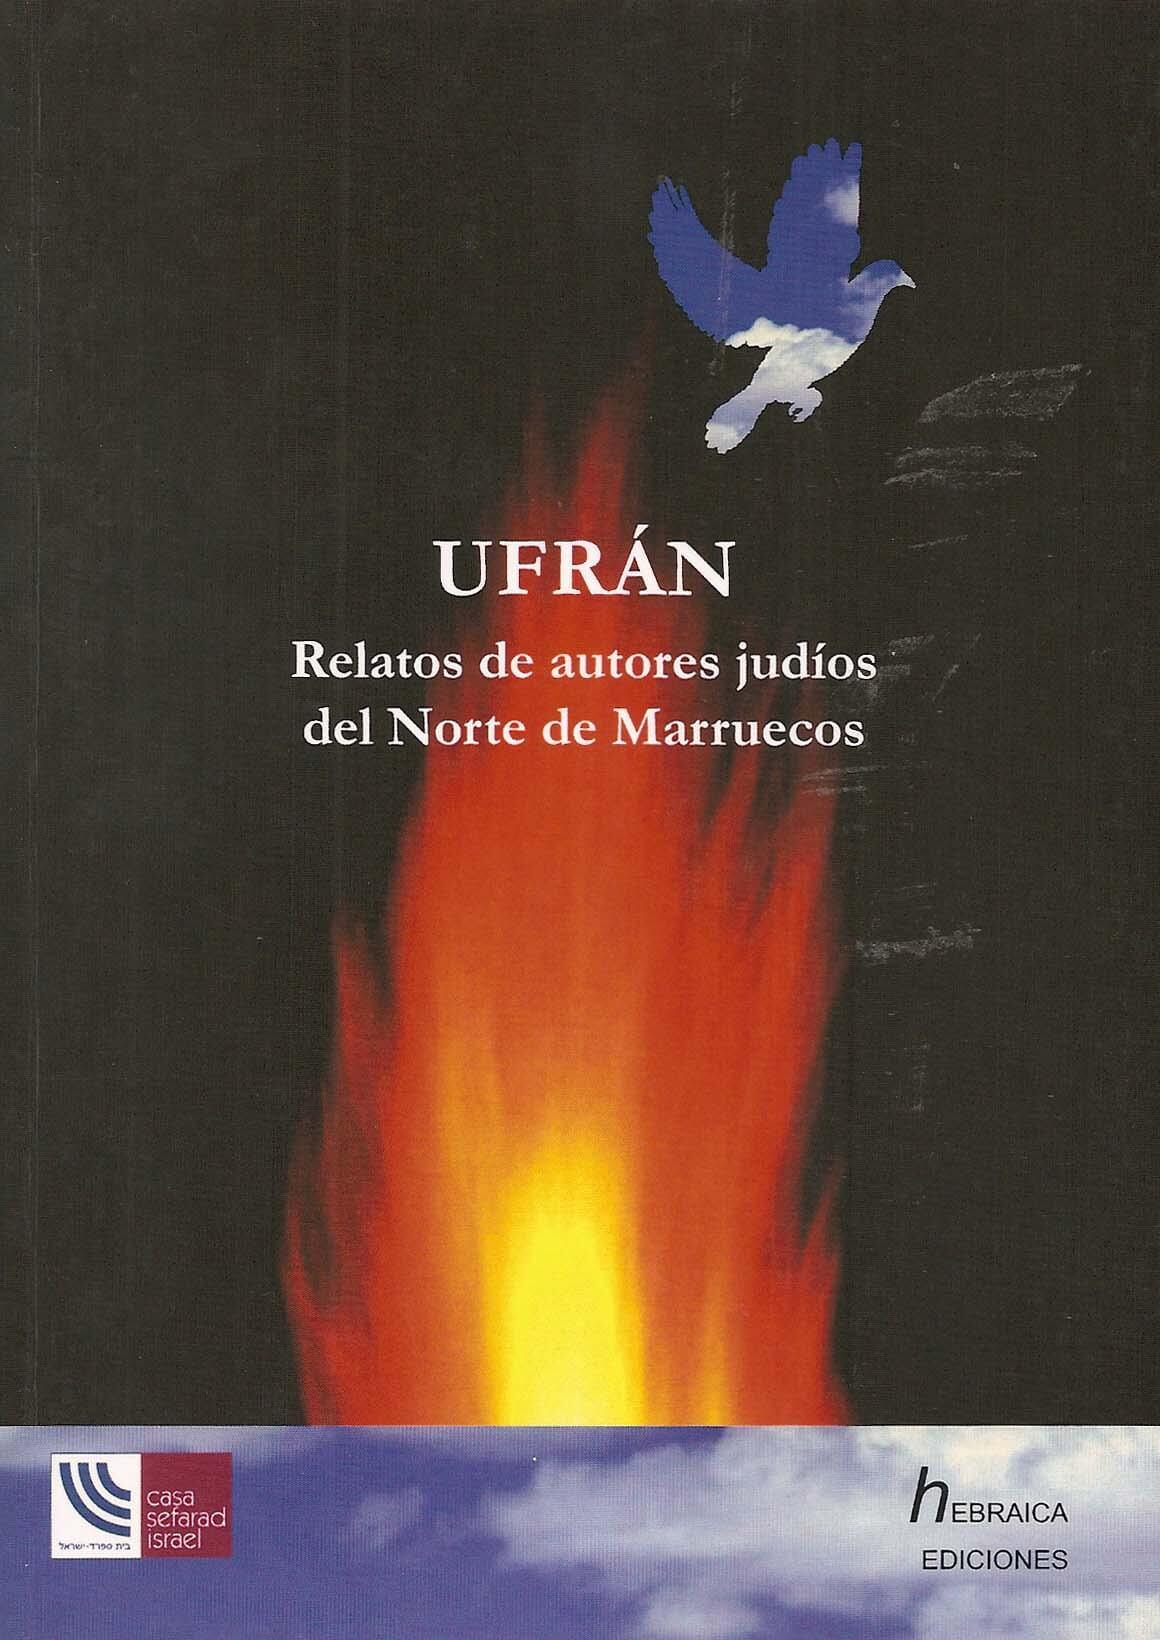 Ufrán. Relatos de autores judíos del Norte de Marruecos